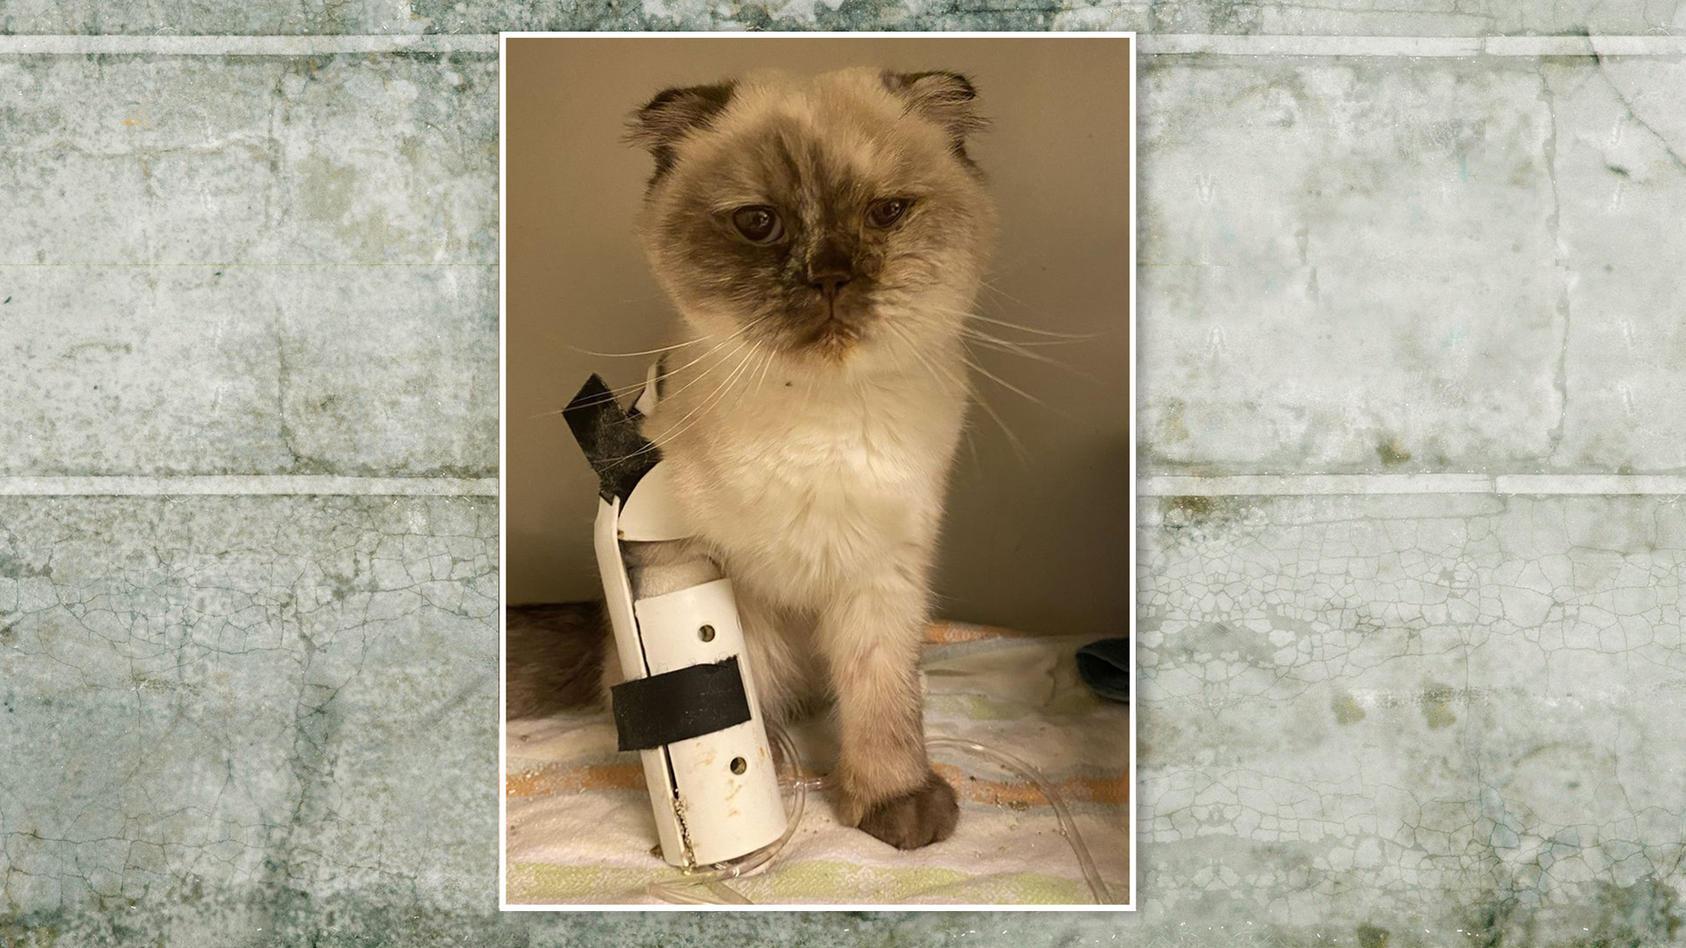 Diese süße Katze wurde in einem Keller gefunden und lebt nun vorerst im Tierheim Köln-Dellbrück.